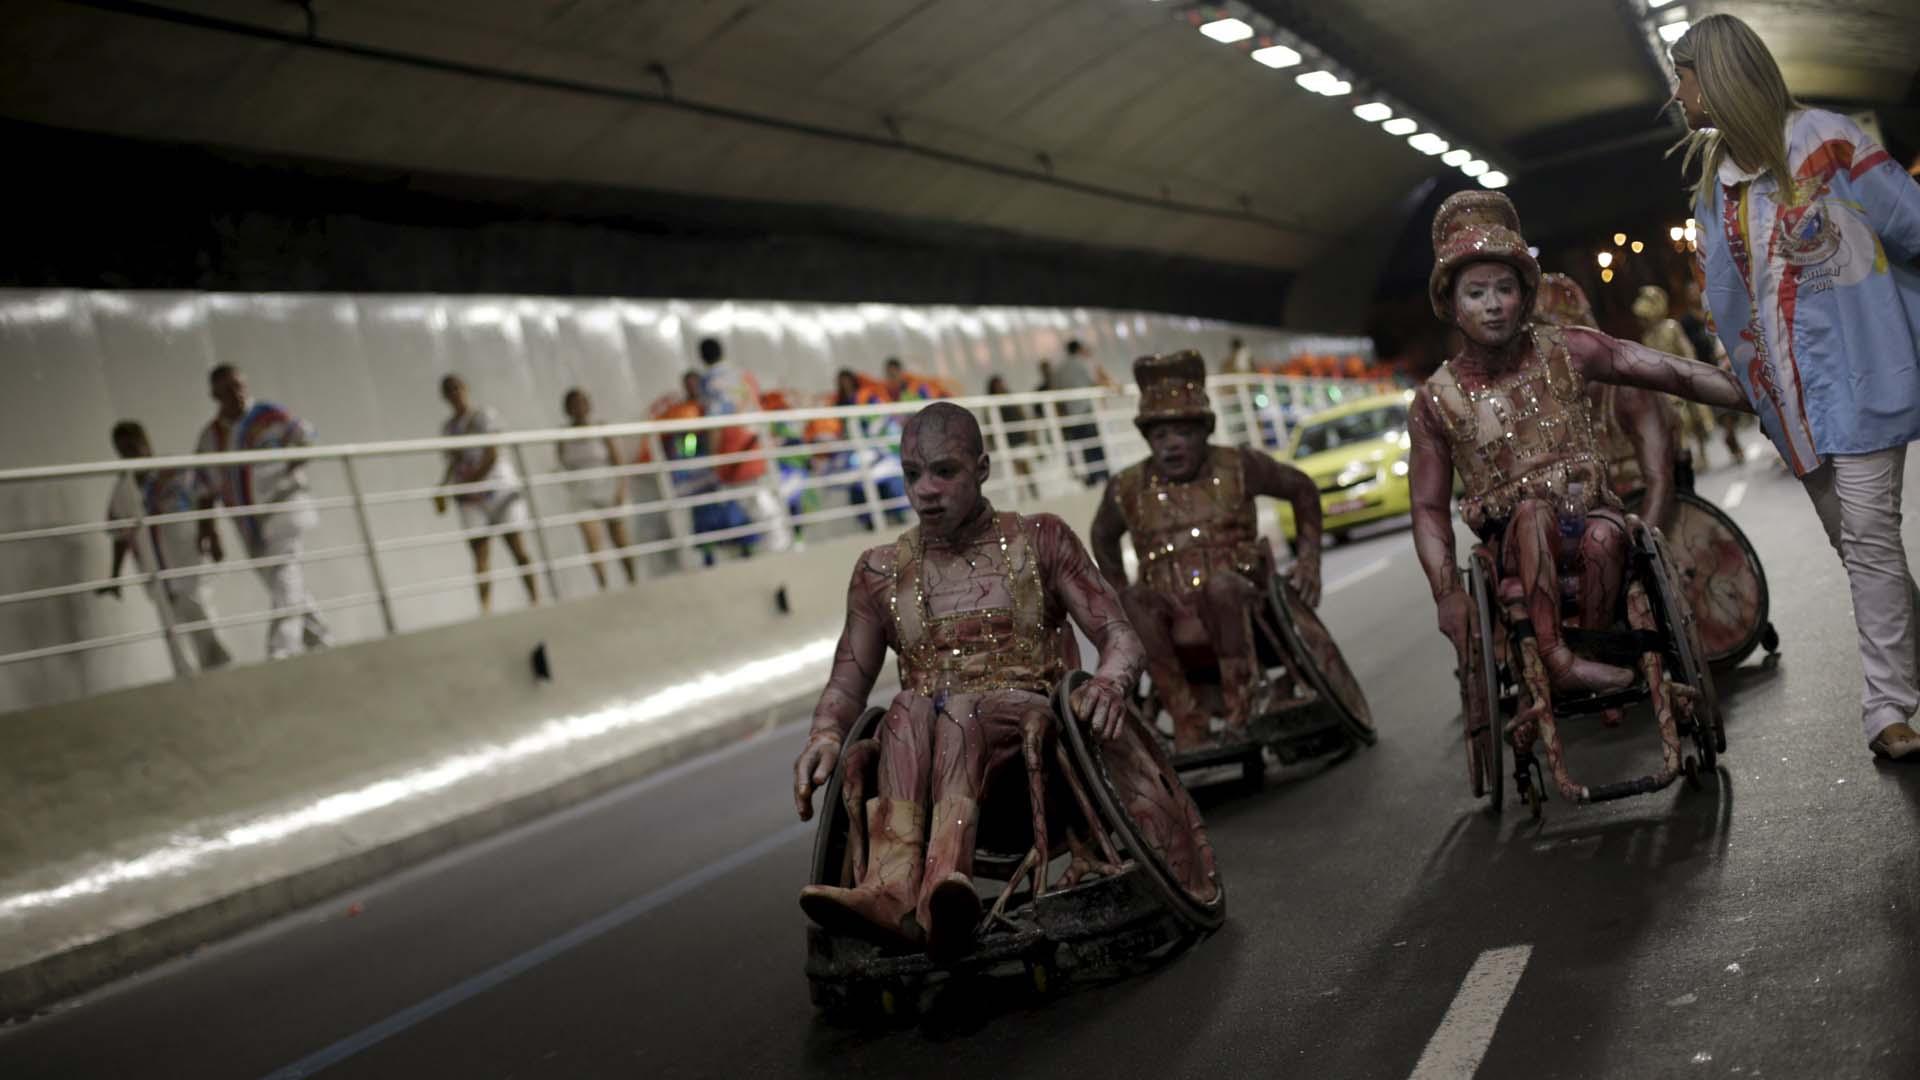 Protagonizaron acrobacias increíbles en las carrozas que competían en el carnaval carioca y pusieron las fiestas a sus pies